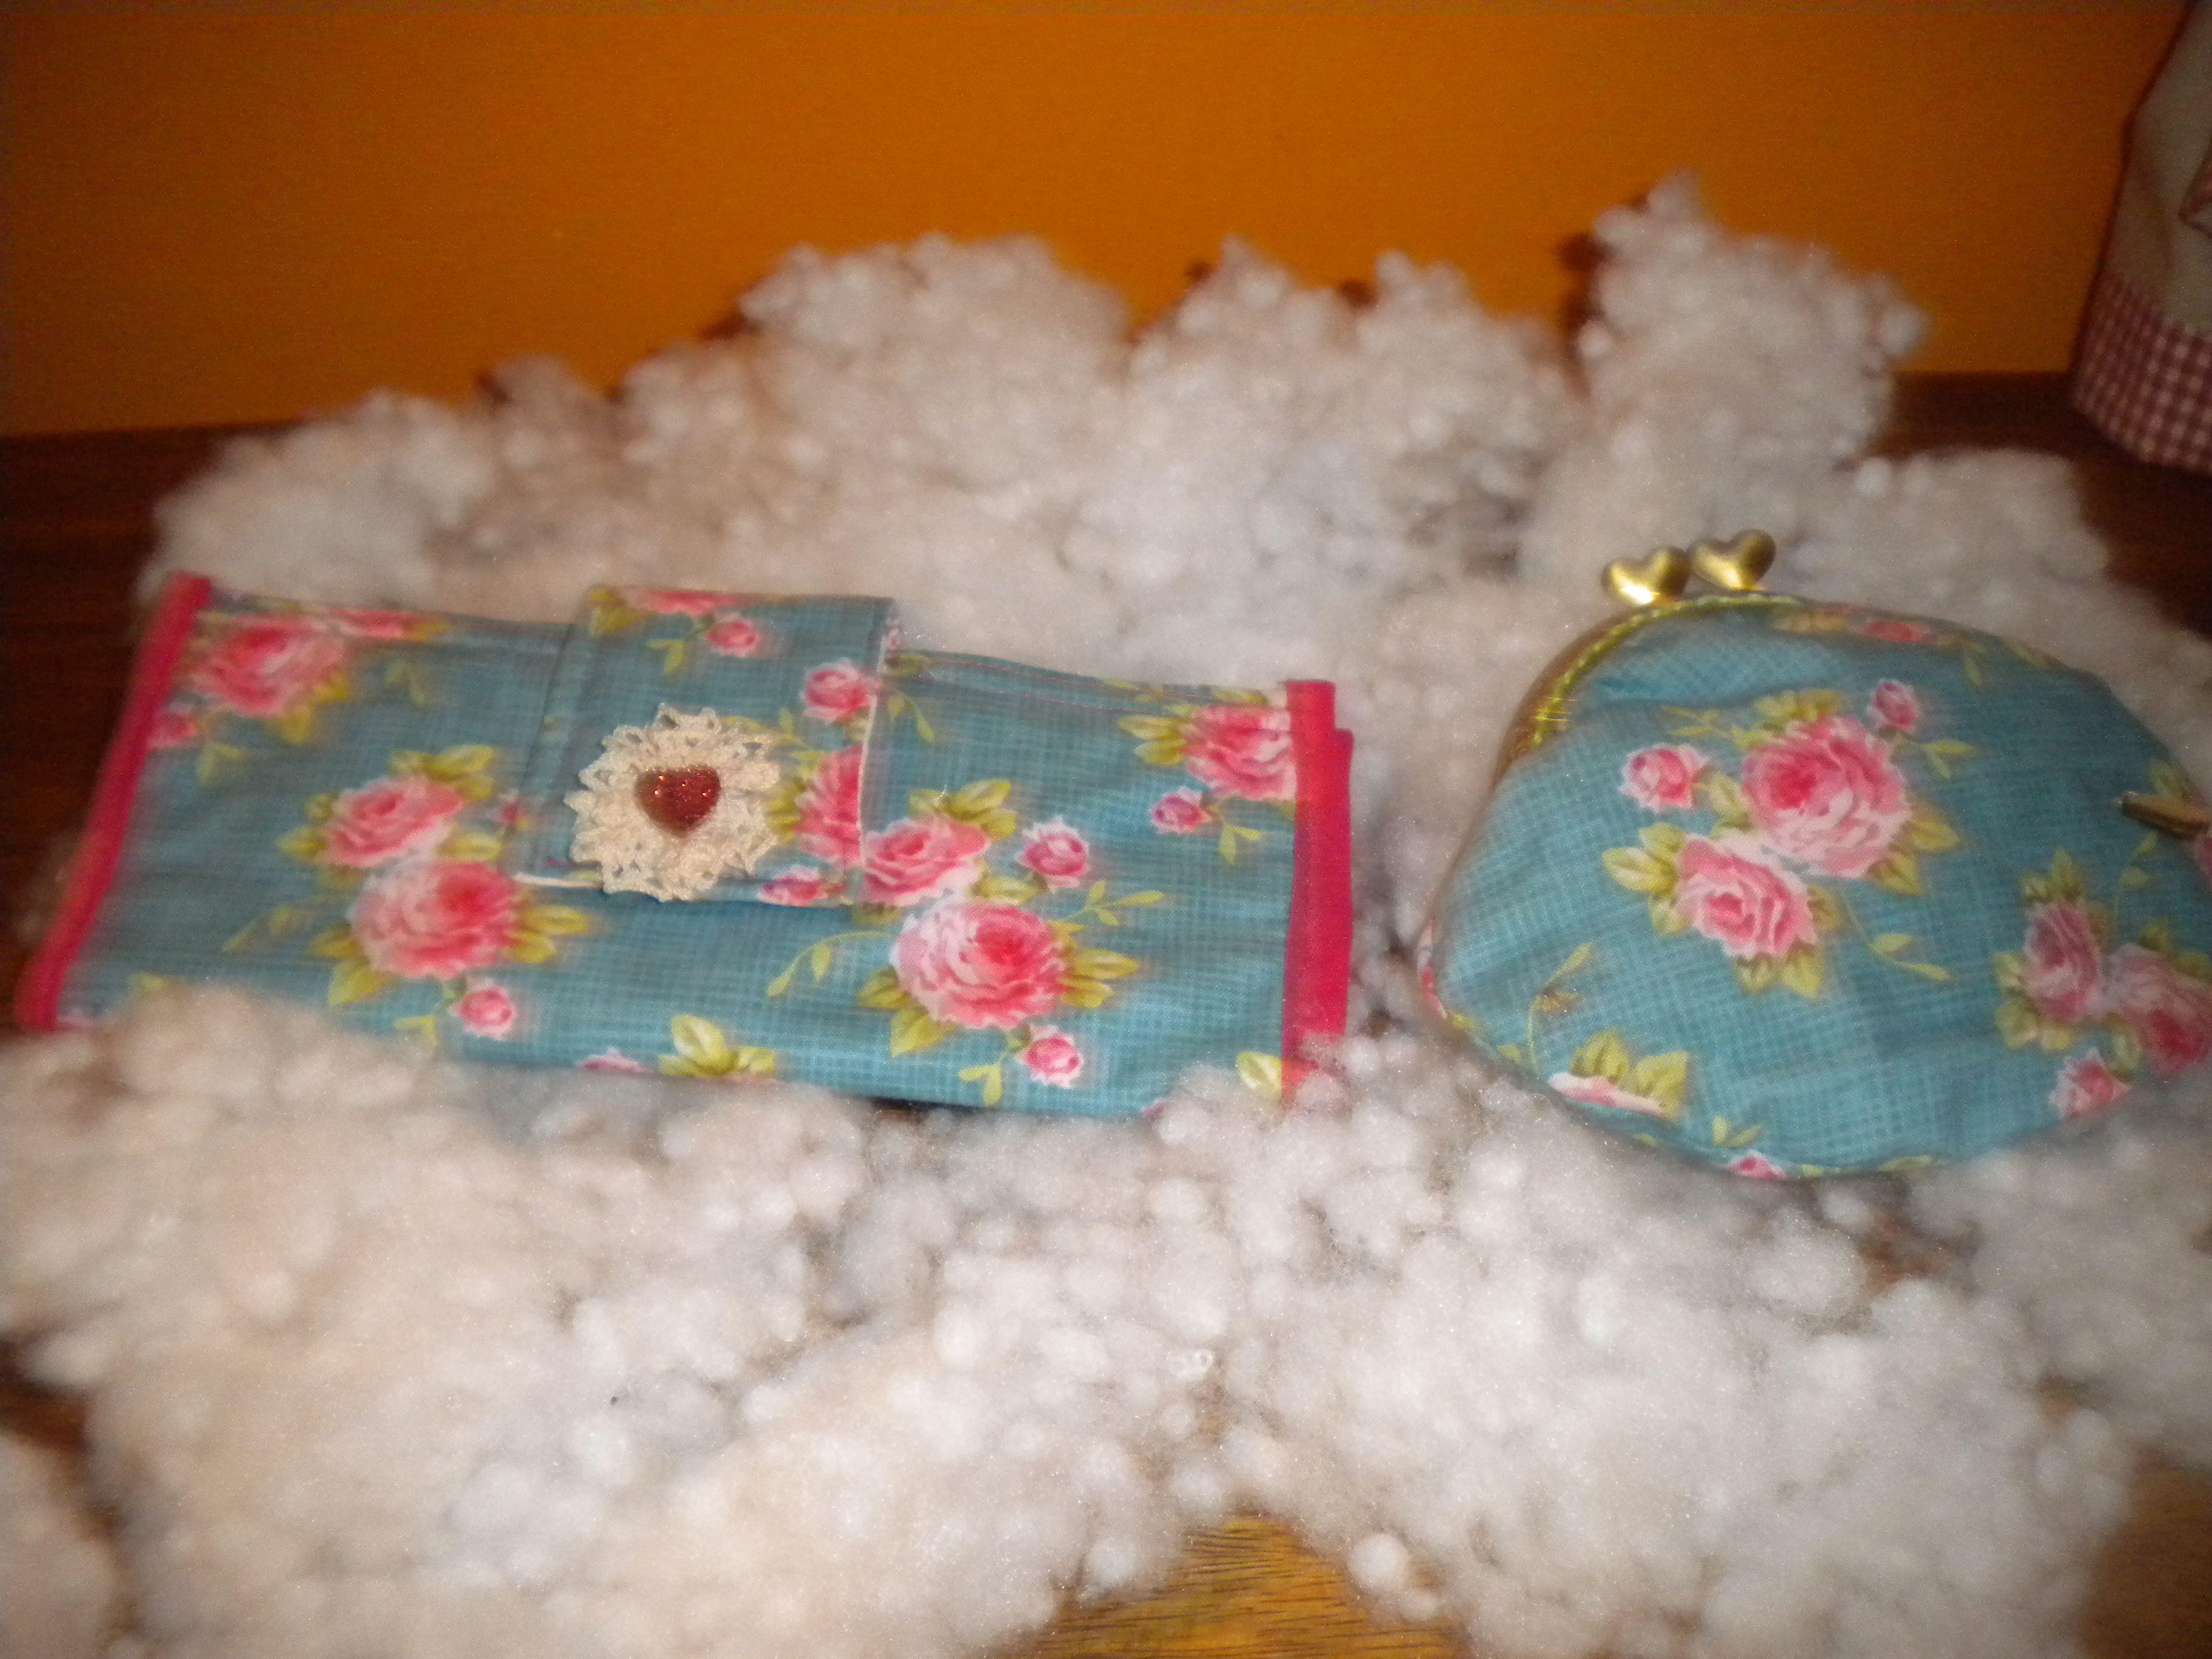 Bolsa porta cartões,dá para 8 cartões,tem vários compartimentos para documentos e 1 bolsa com fecho. Porta moedas com fecho da avó a condizer.